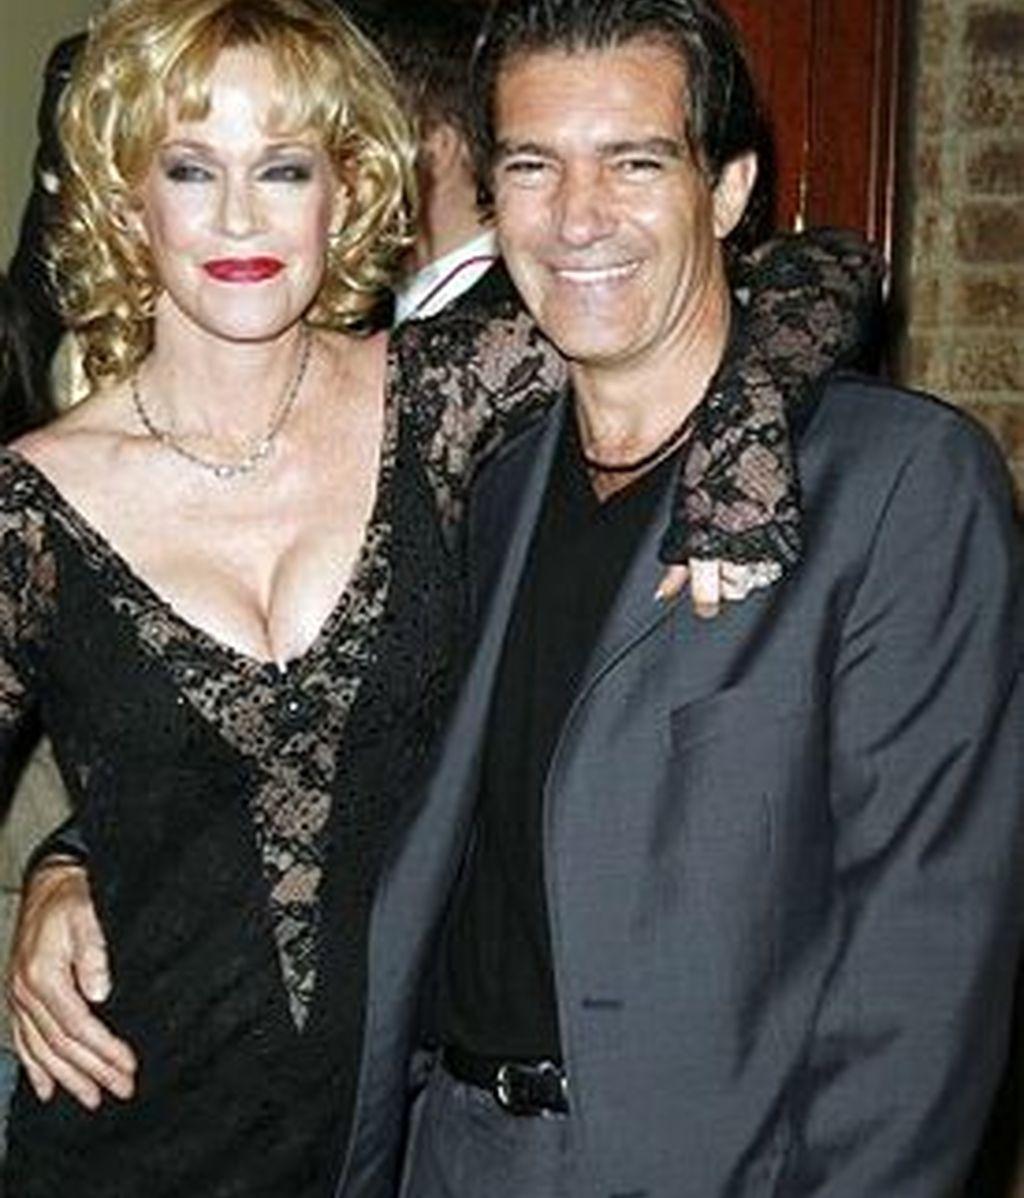 Antonio Banderas ha dejado bien claro que no abandonará a su esposa Melanie Griffith y que nada de lo que se ha publicado es cierto. Foto archivo